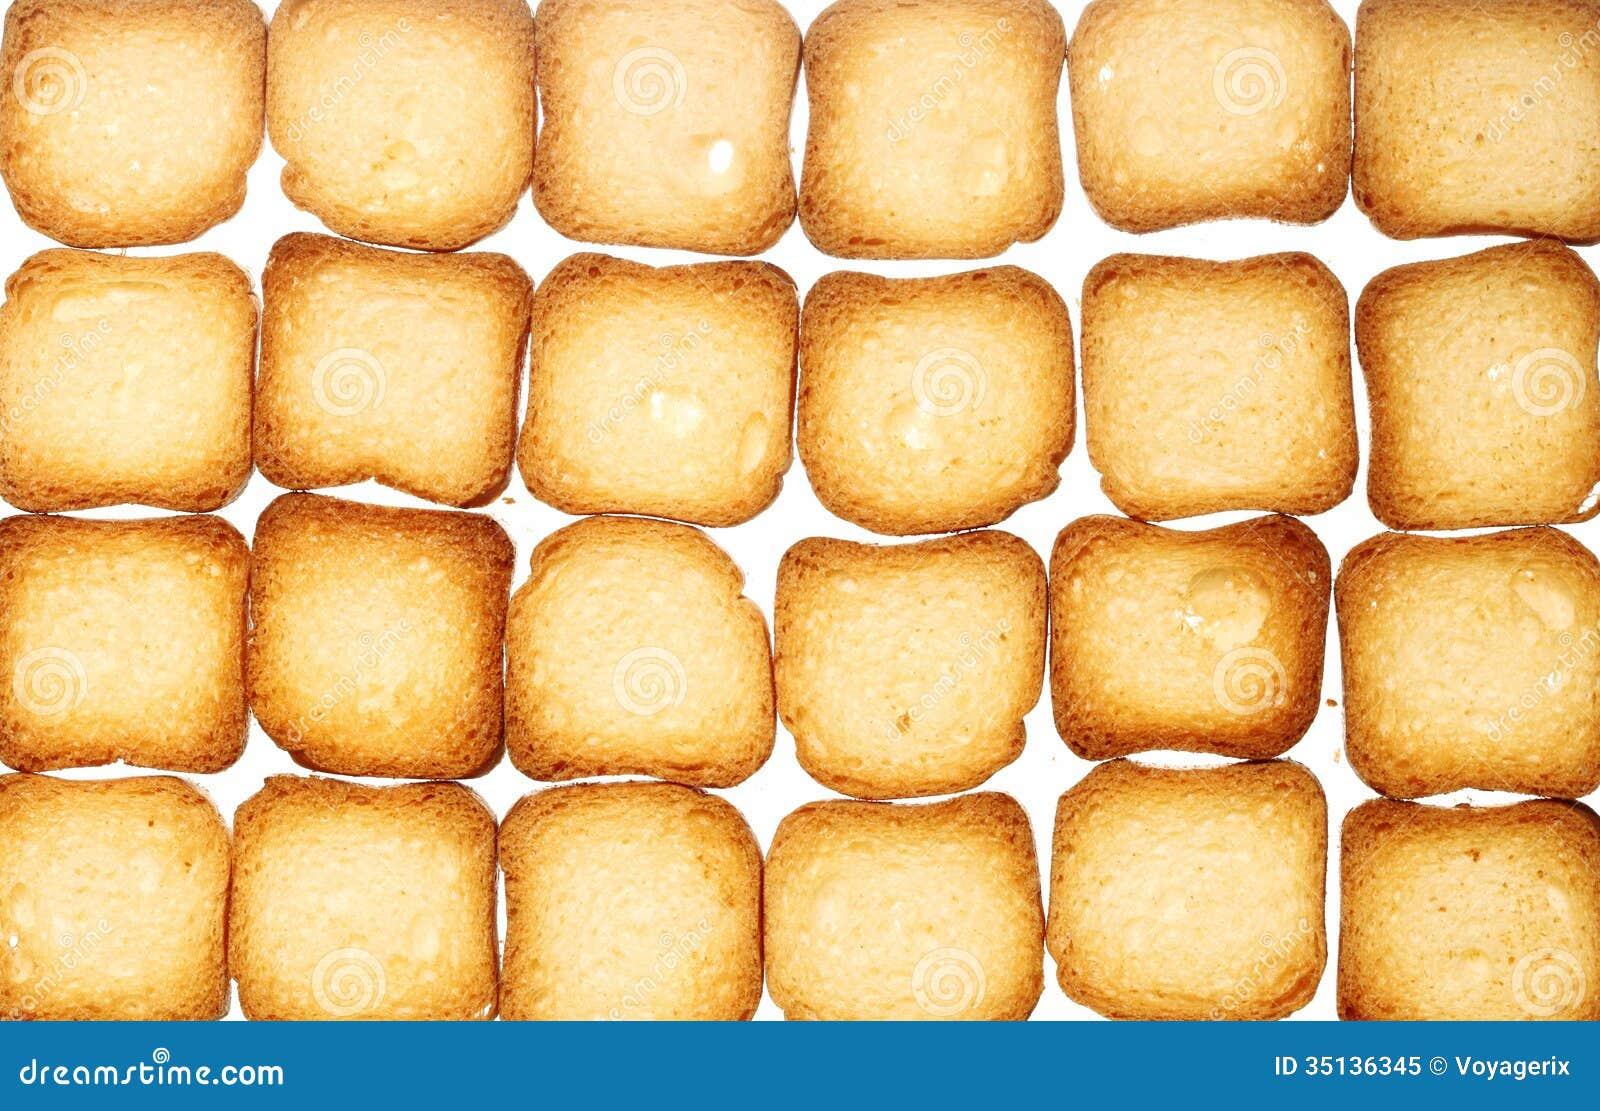 biscuits de pain grill de pain de biscottes fond de nourriture de r gime photo libre de droits. Black Bedroom Furniture Sets. Home Design Ideas